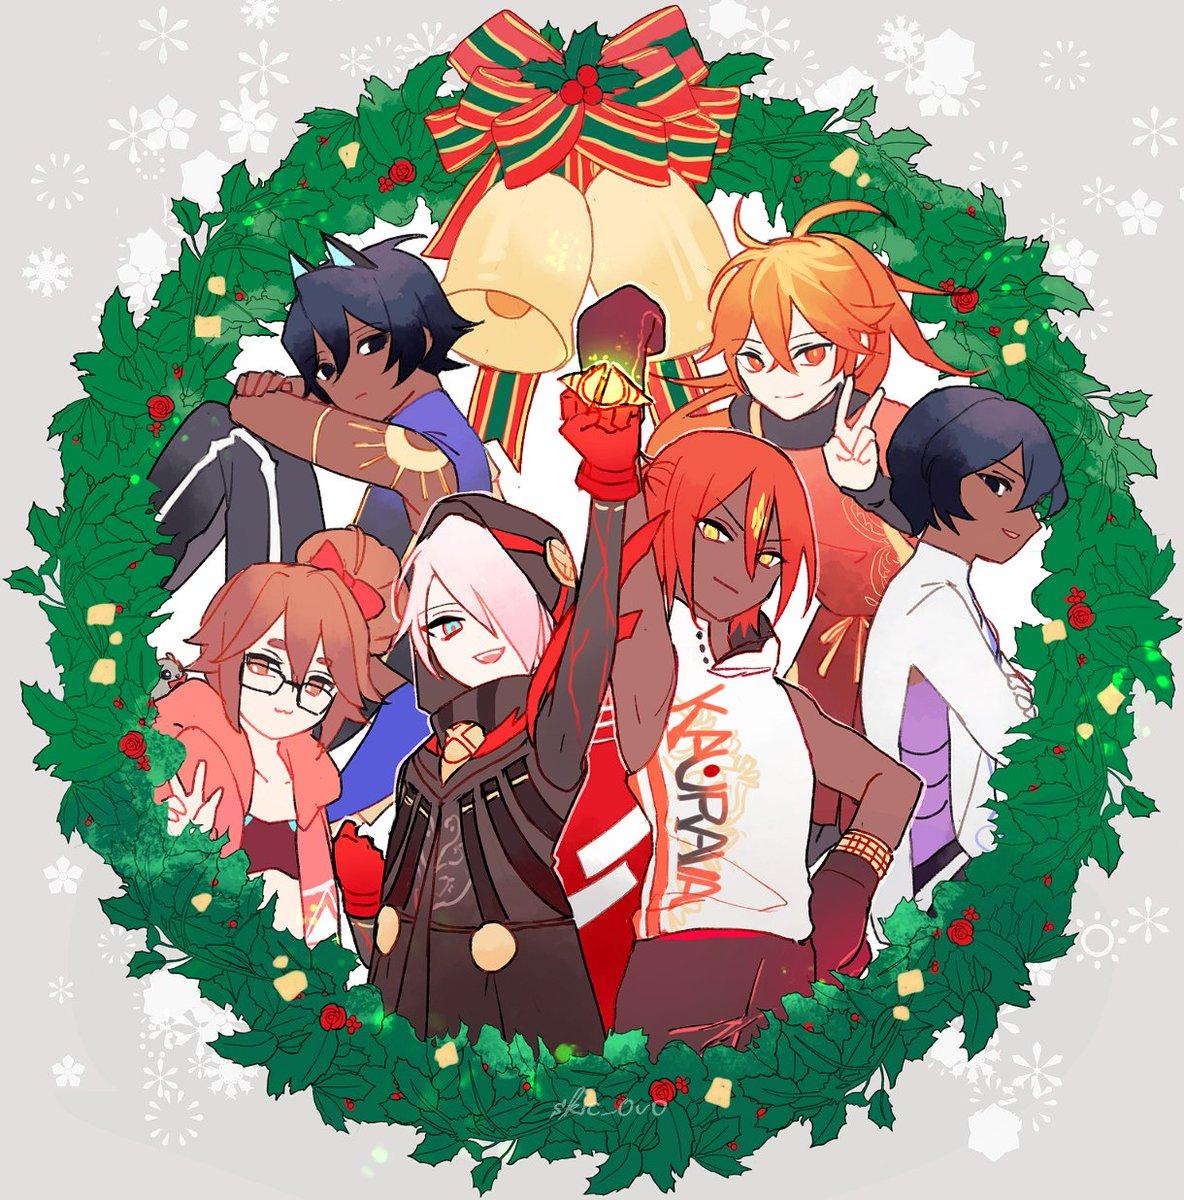 クリスマスイベント最高でしたーー!!!!!! 何もかもが可愛かったです…!!お疲れさまでした~!! ありがとうございました!!!!